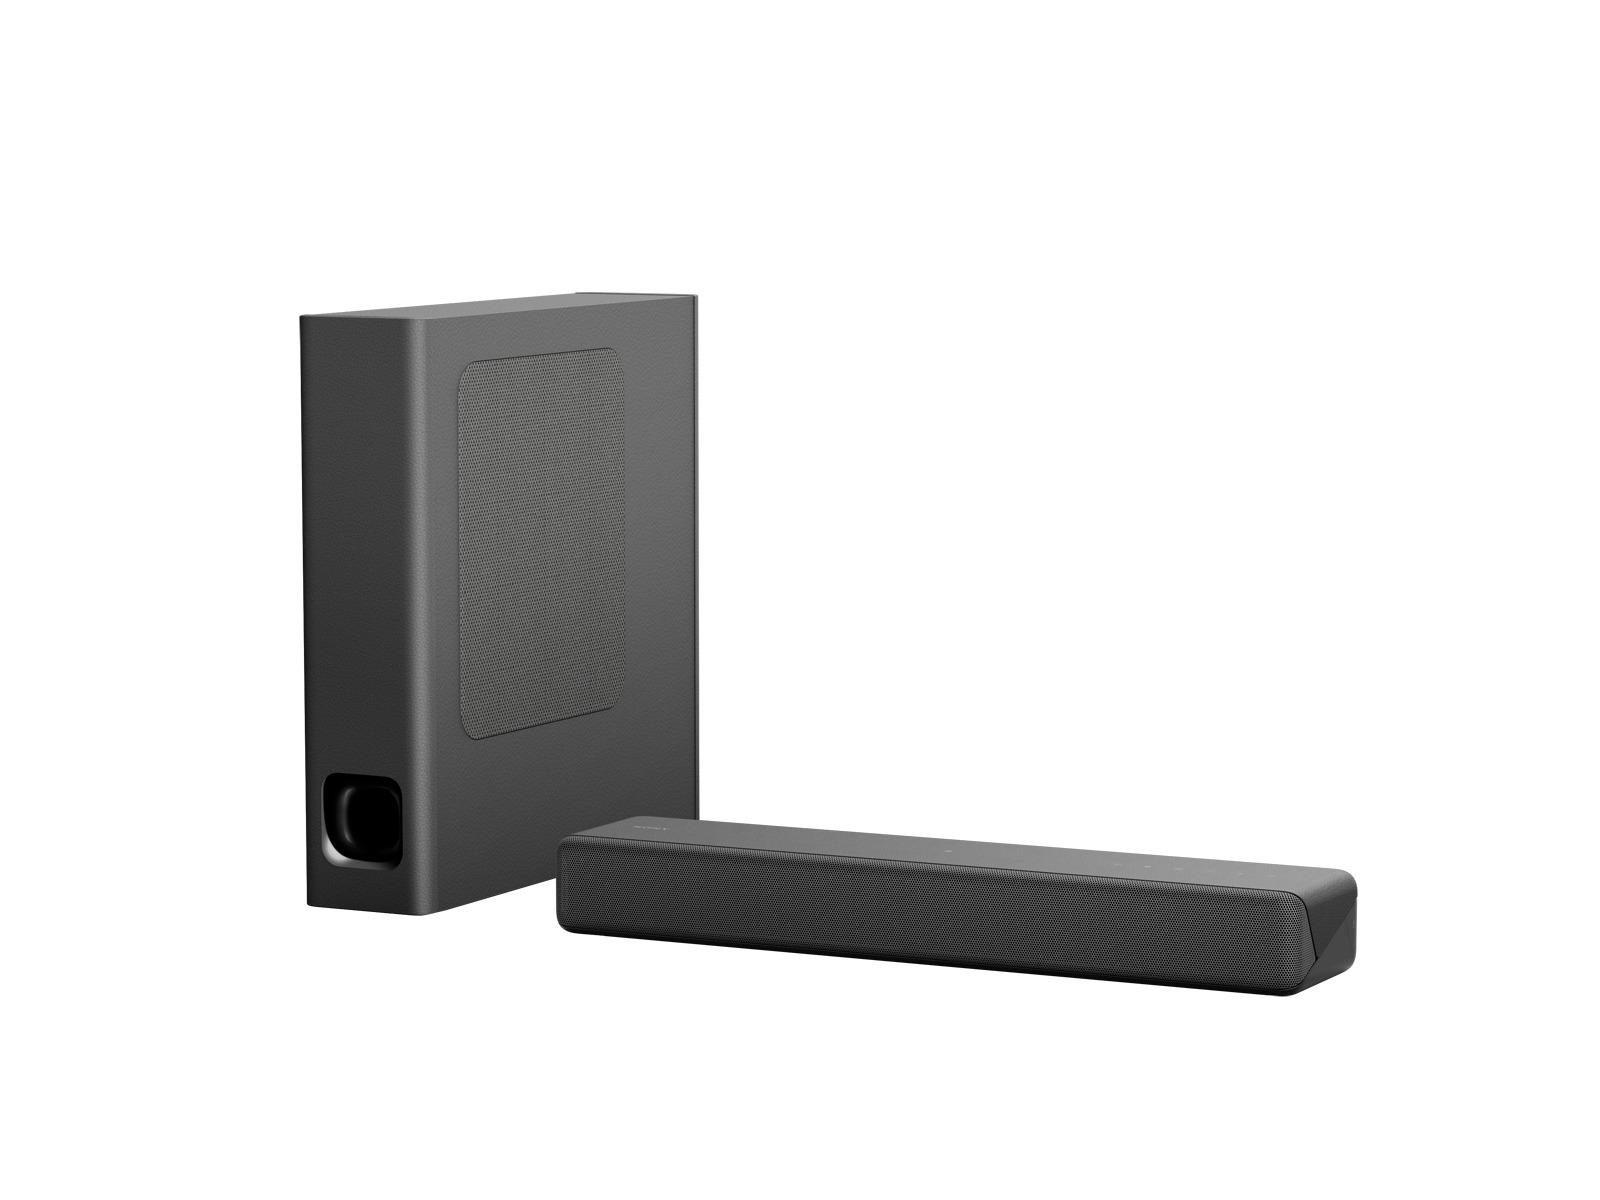 Sony 2.1 Soundbar HTMT500